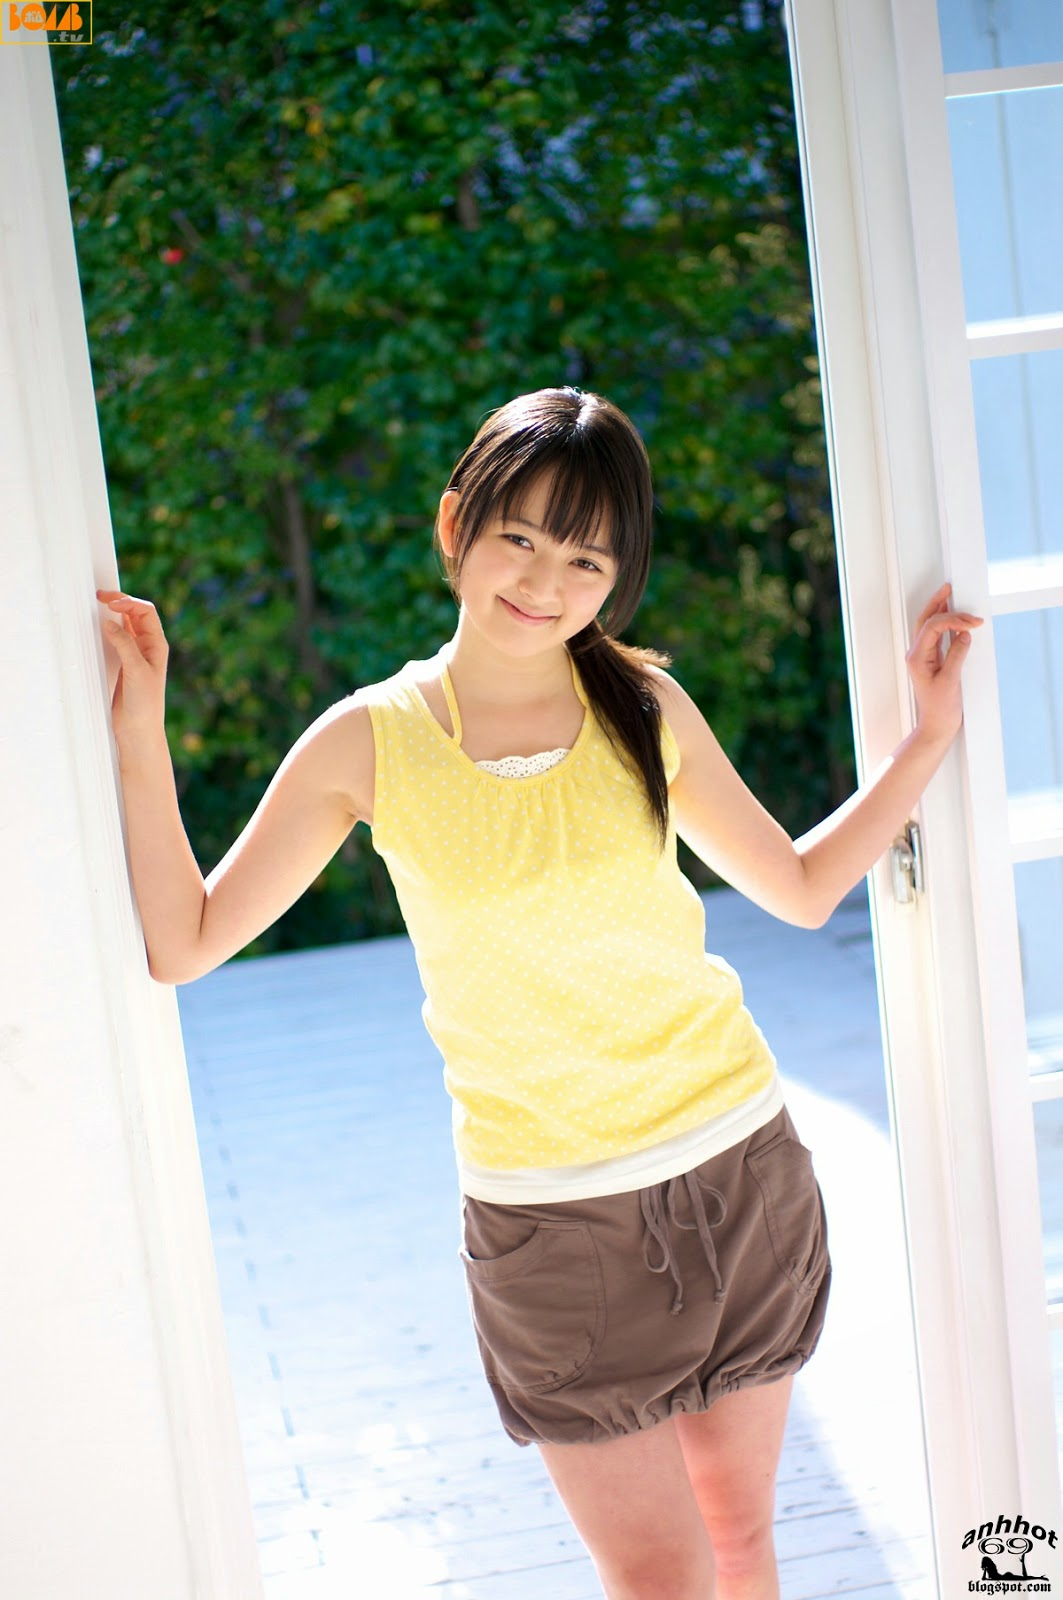 saki-takayama-00855666